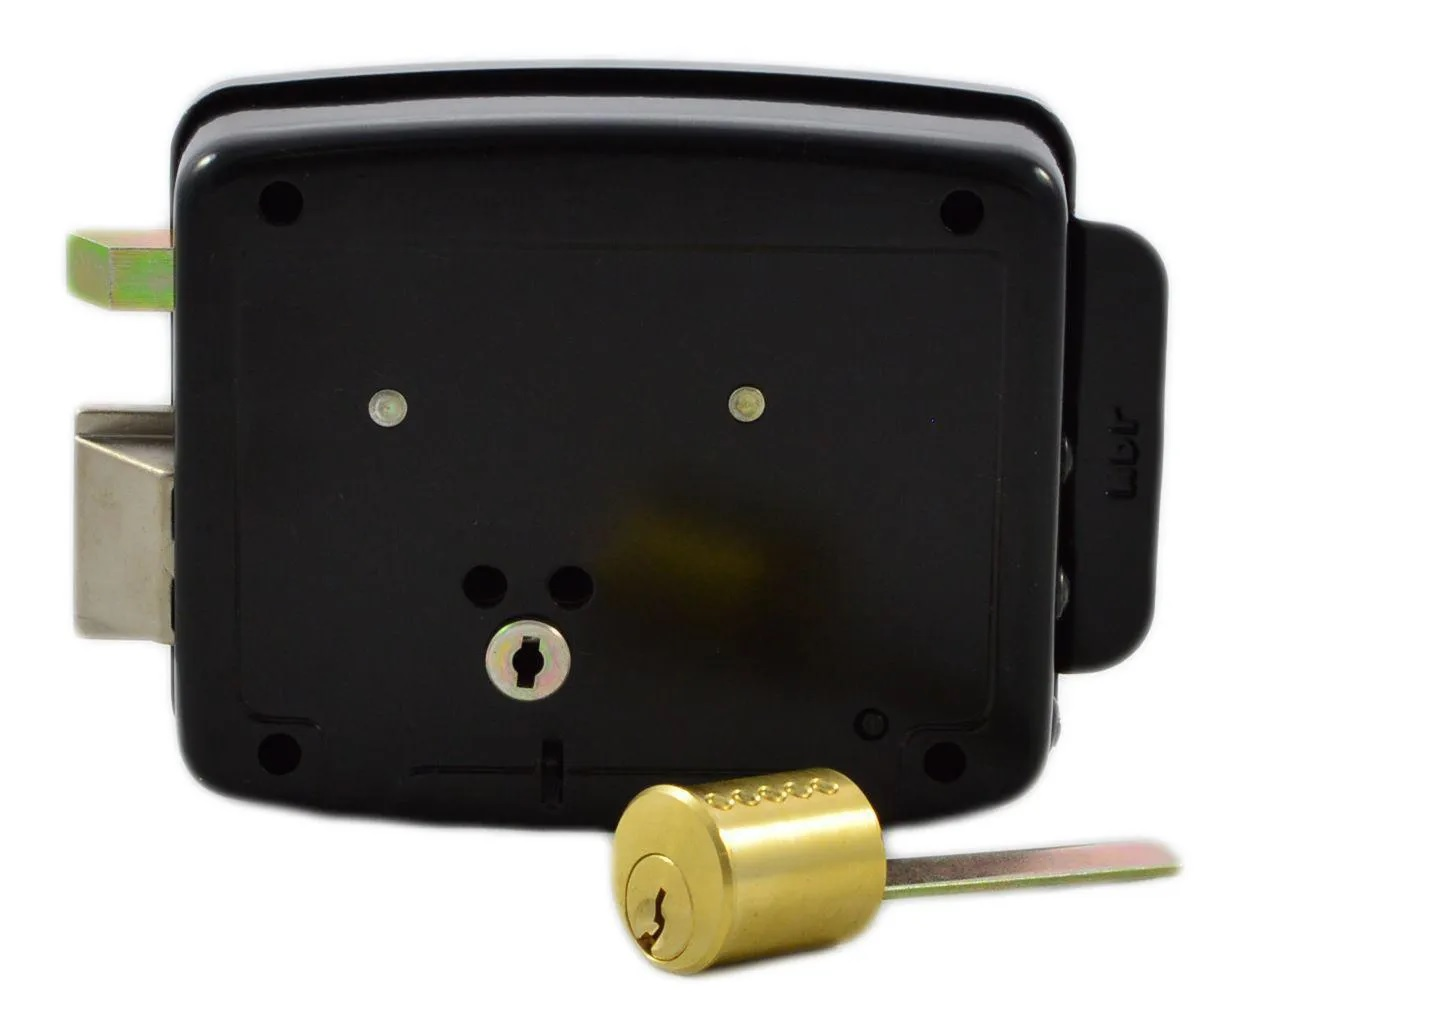 Porteiro Coletivo 44 Pontos Com Fechadura com Botão e Controle De Acesso HDL e 88 TAGS